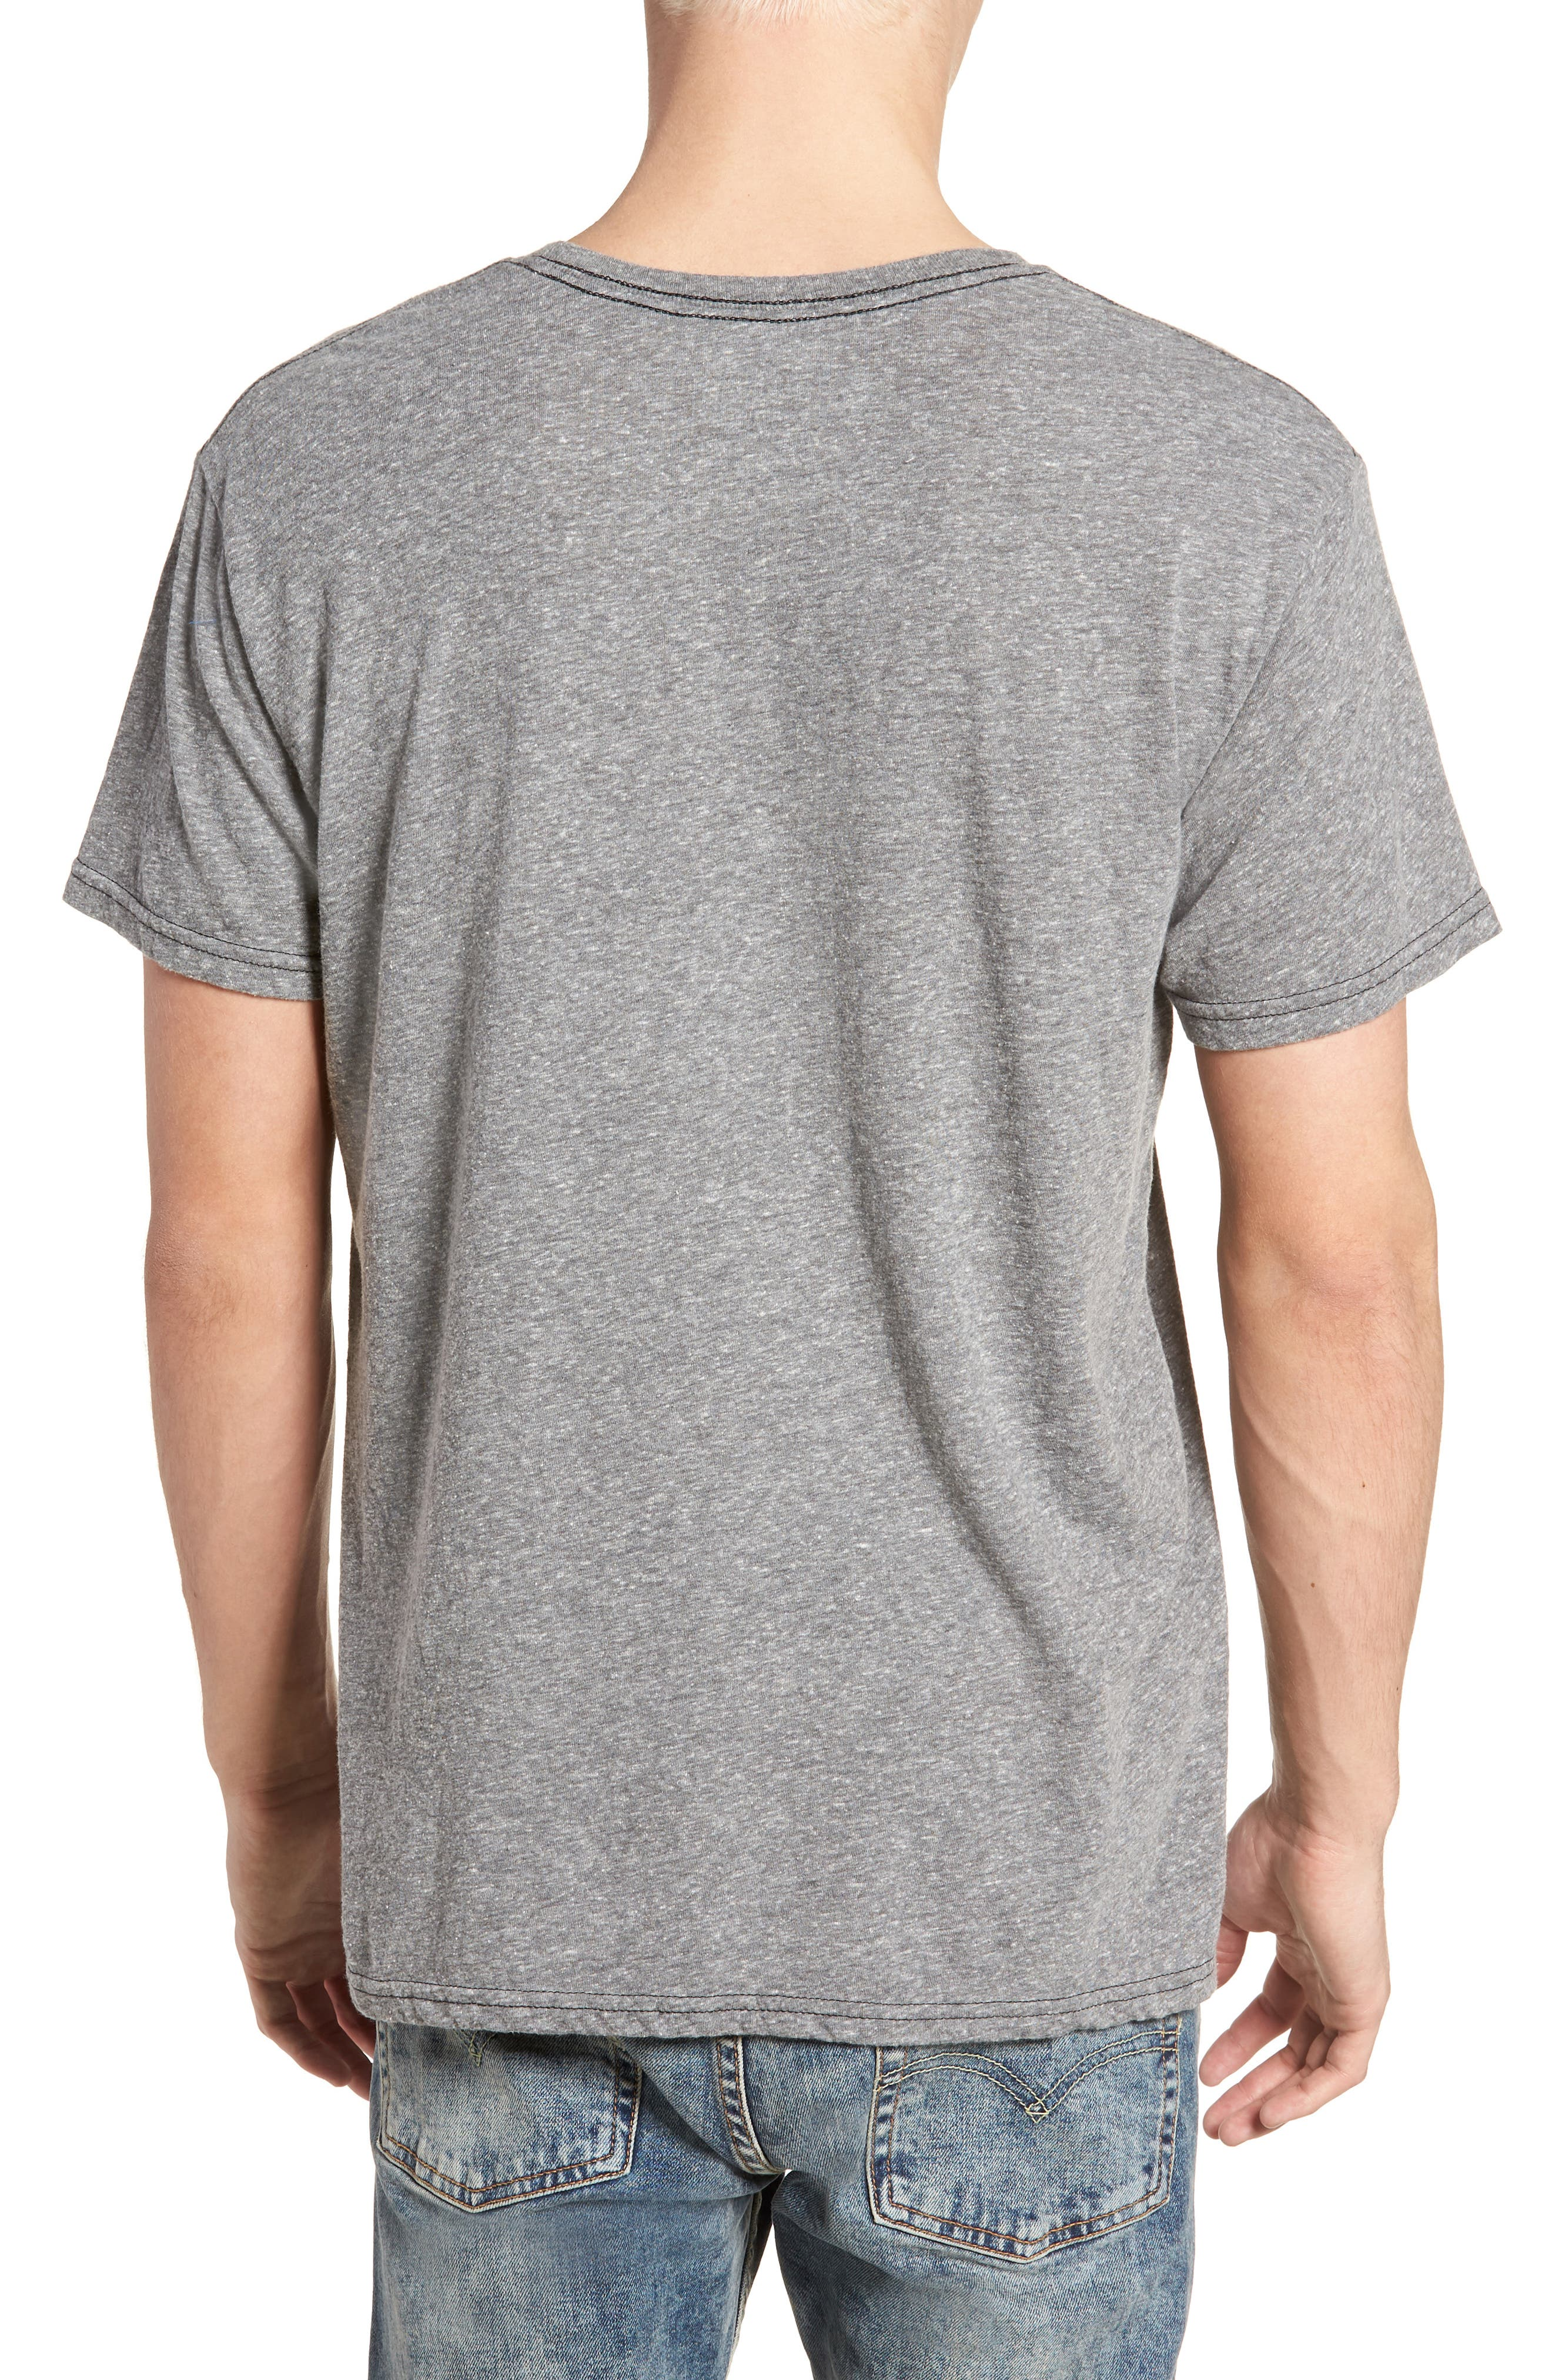 ESPN Graphic T-Shirt,                             Alternate thumbnail 2, color,                             020